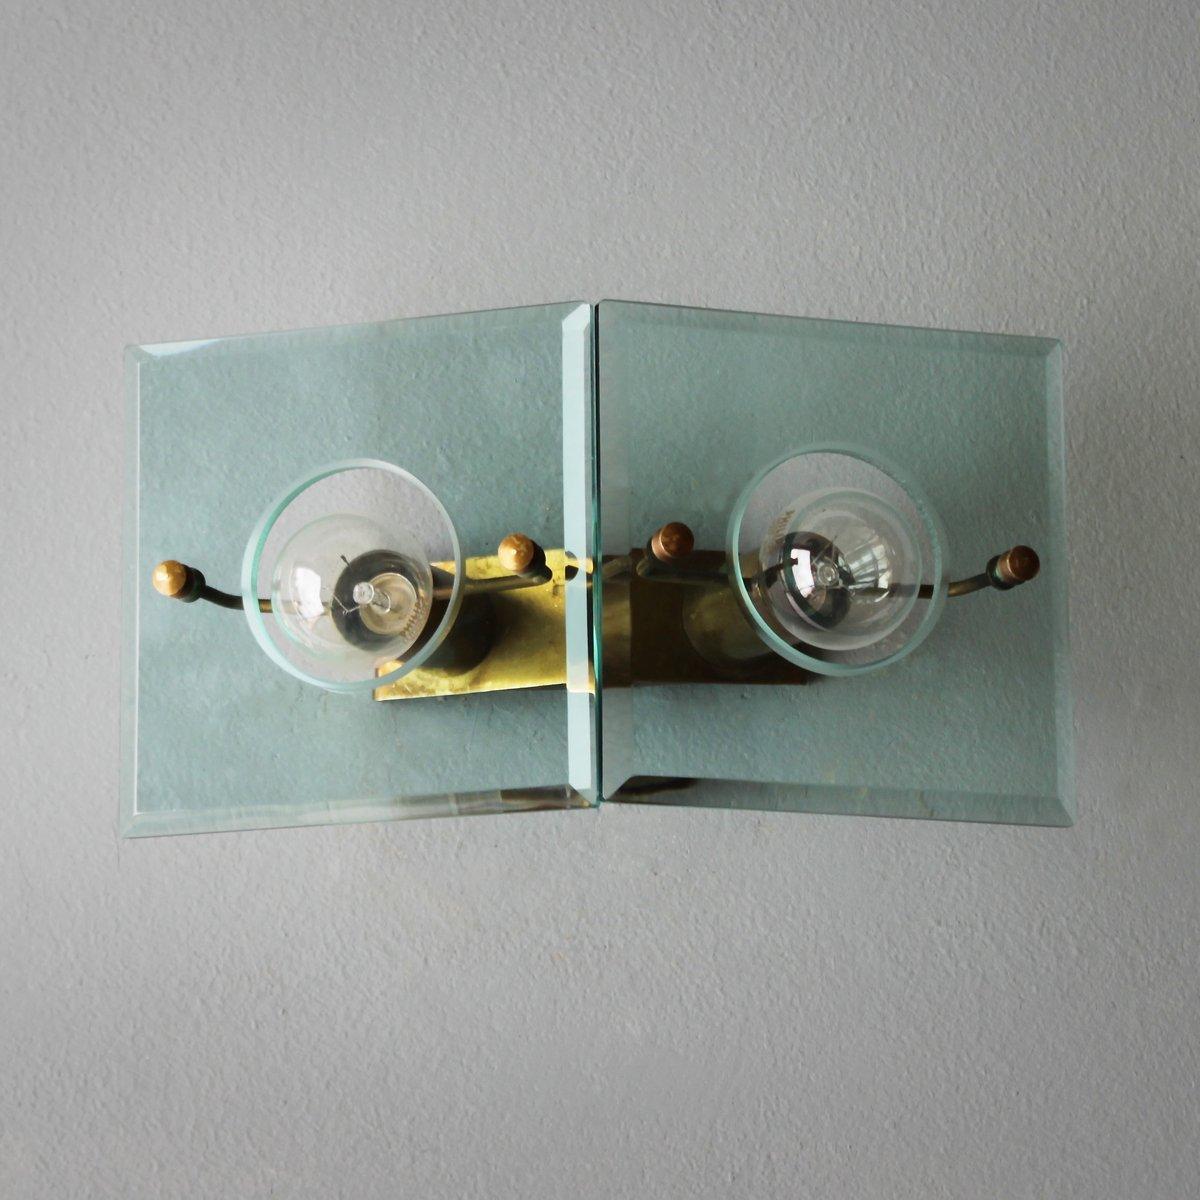 Italienische Vintage Messing und Glas Wandlampe von Arredoluce